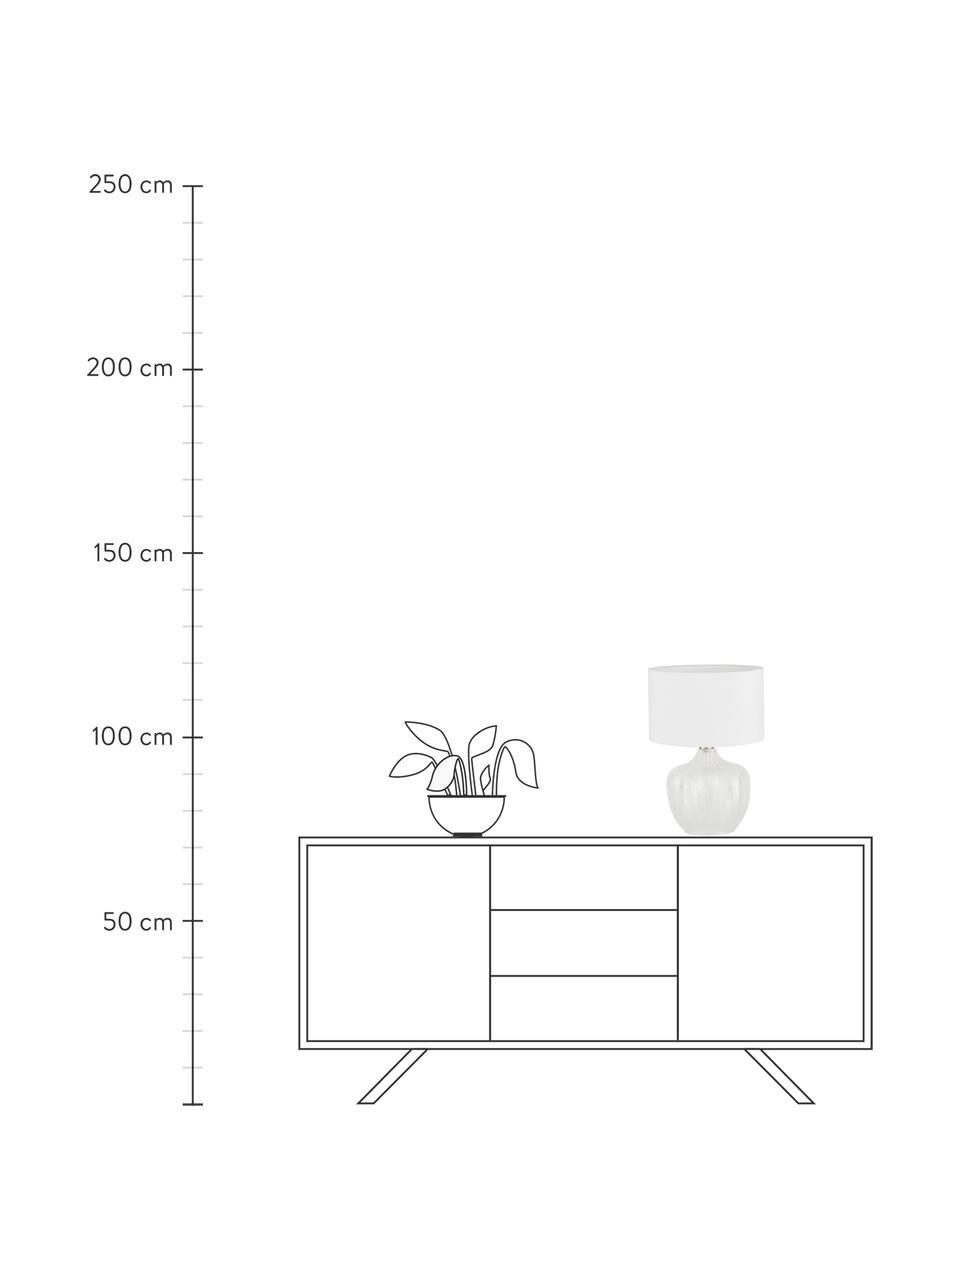 Lampa stołowa ze szklaną podstawą Sue, Klosz: biały Podstawa lampy: transparentny, mosiądz, szczotkowany, Ø 33 x W 47 cm